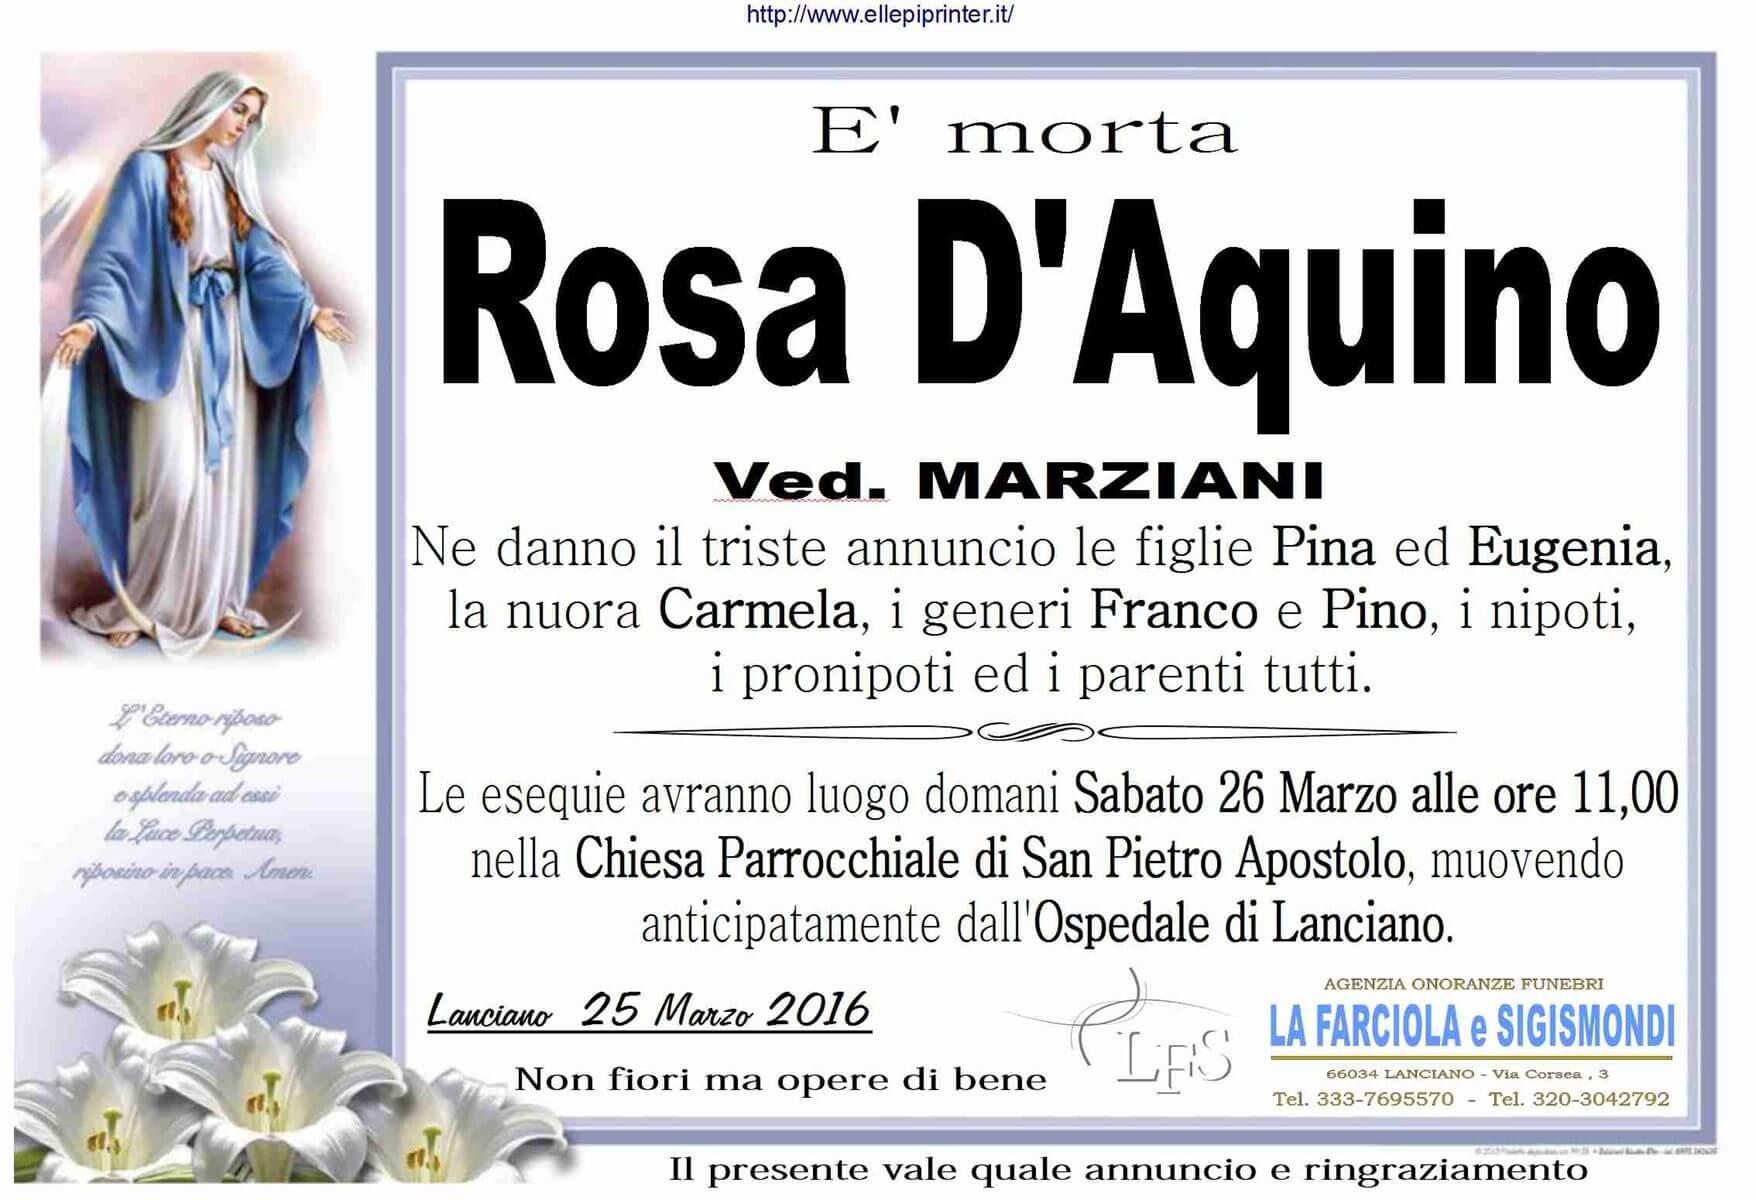 MANIFESTO D'AQUINO ROSA